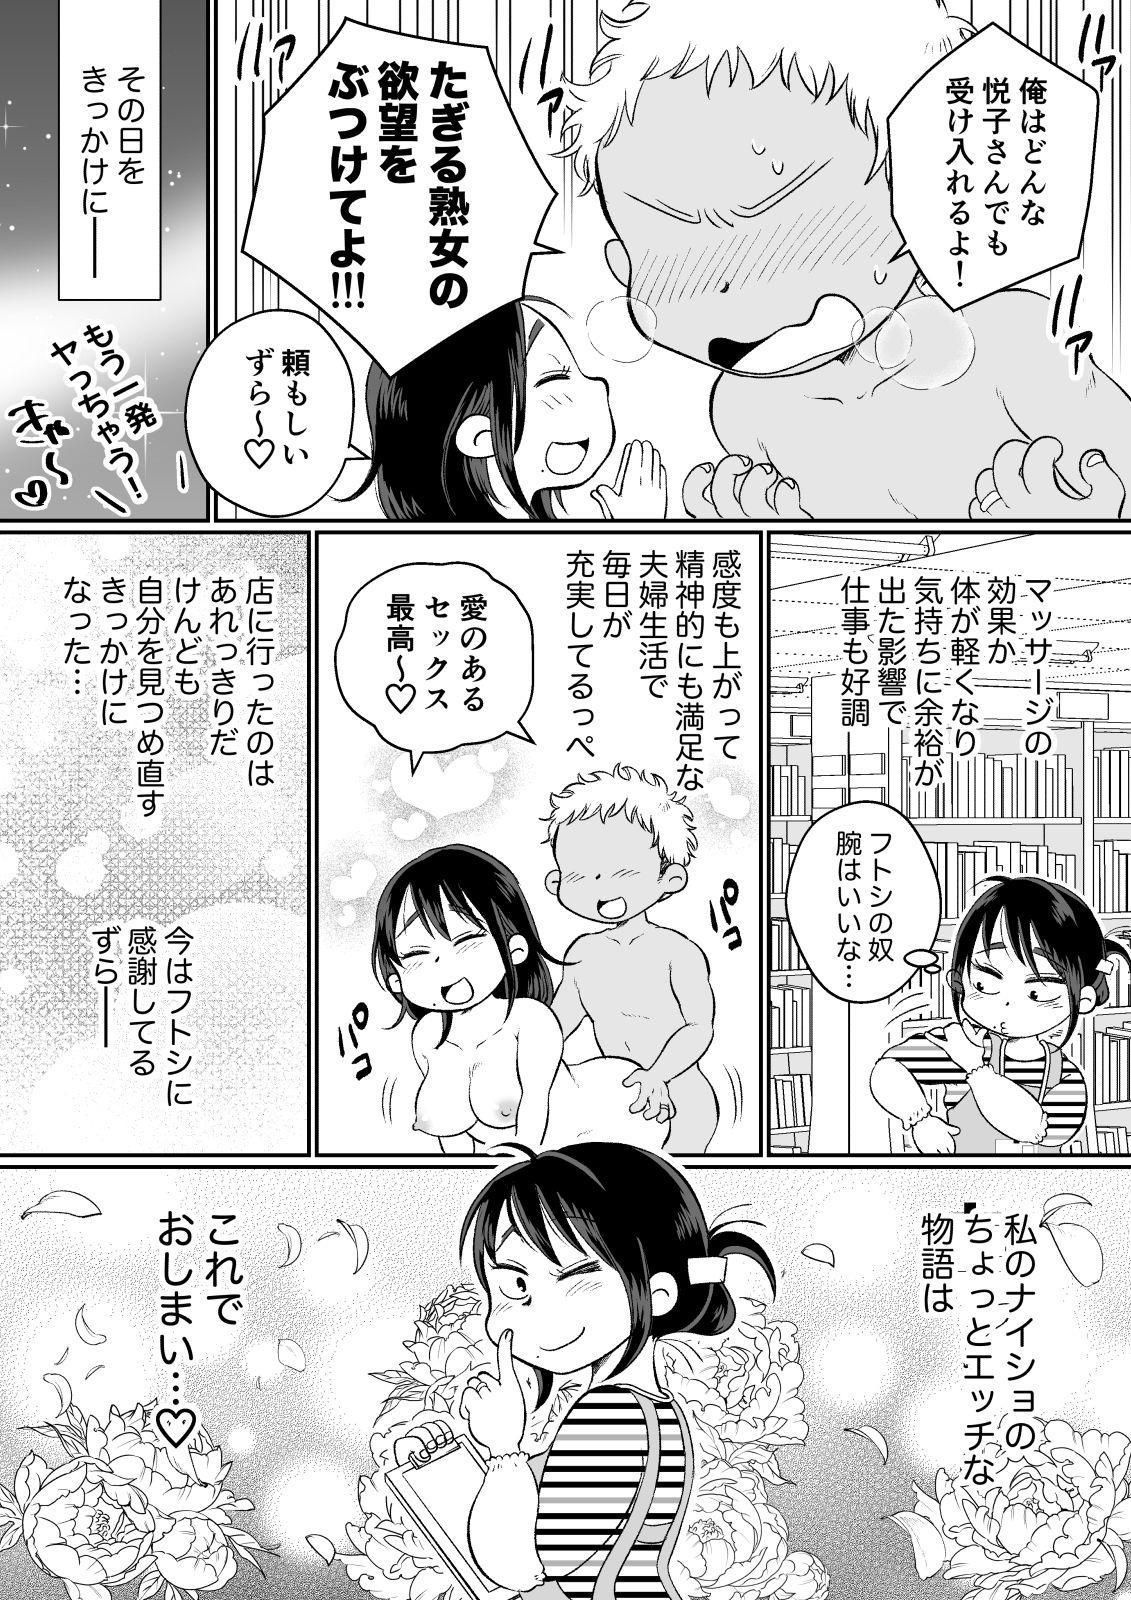 Batsuichi Hitozuma, Moto Danna no Ero Massage ni Ochiru! 39